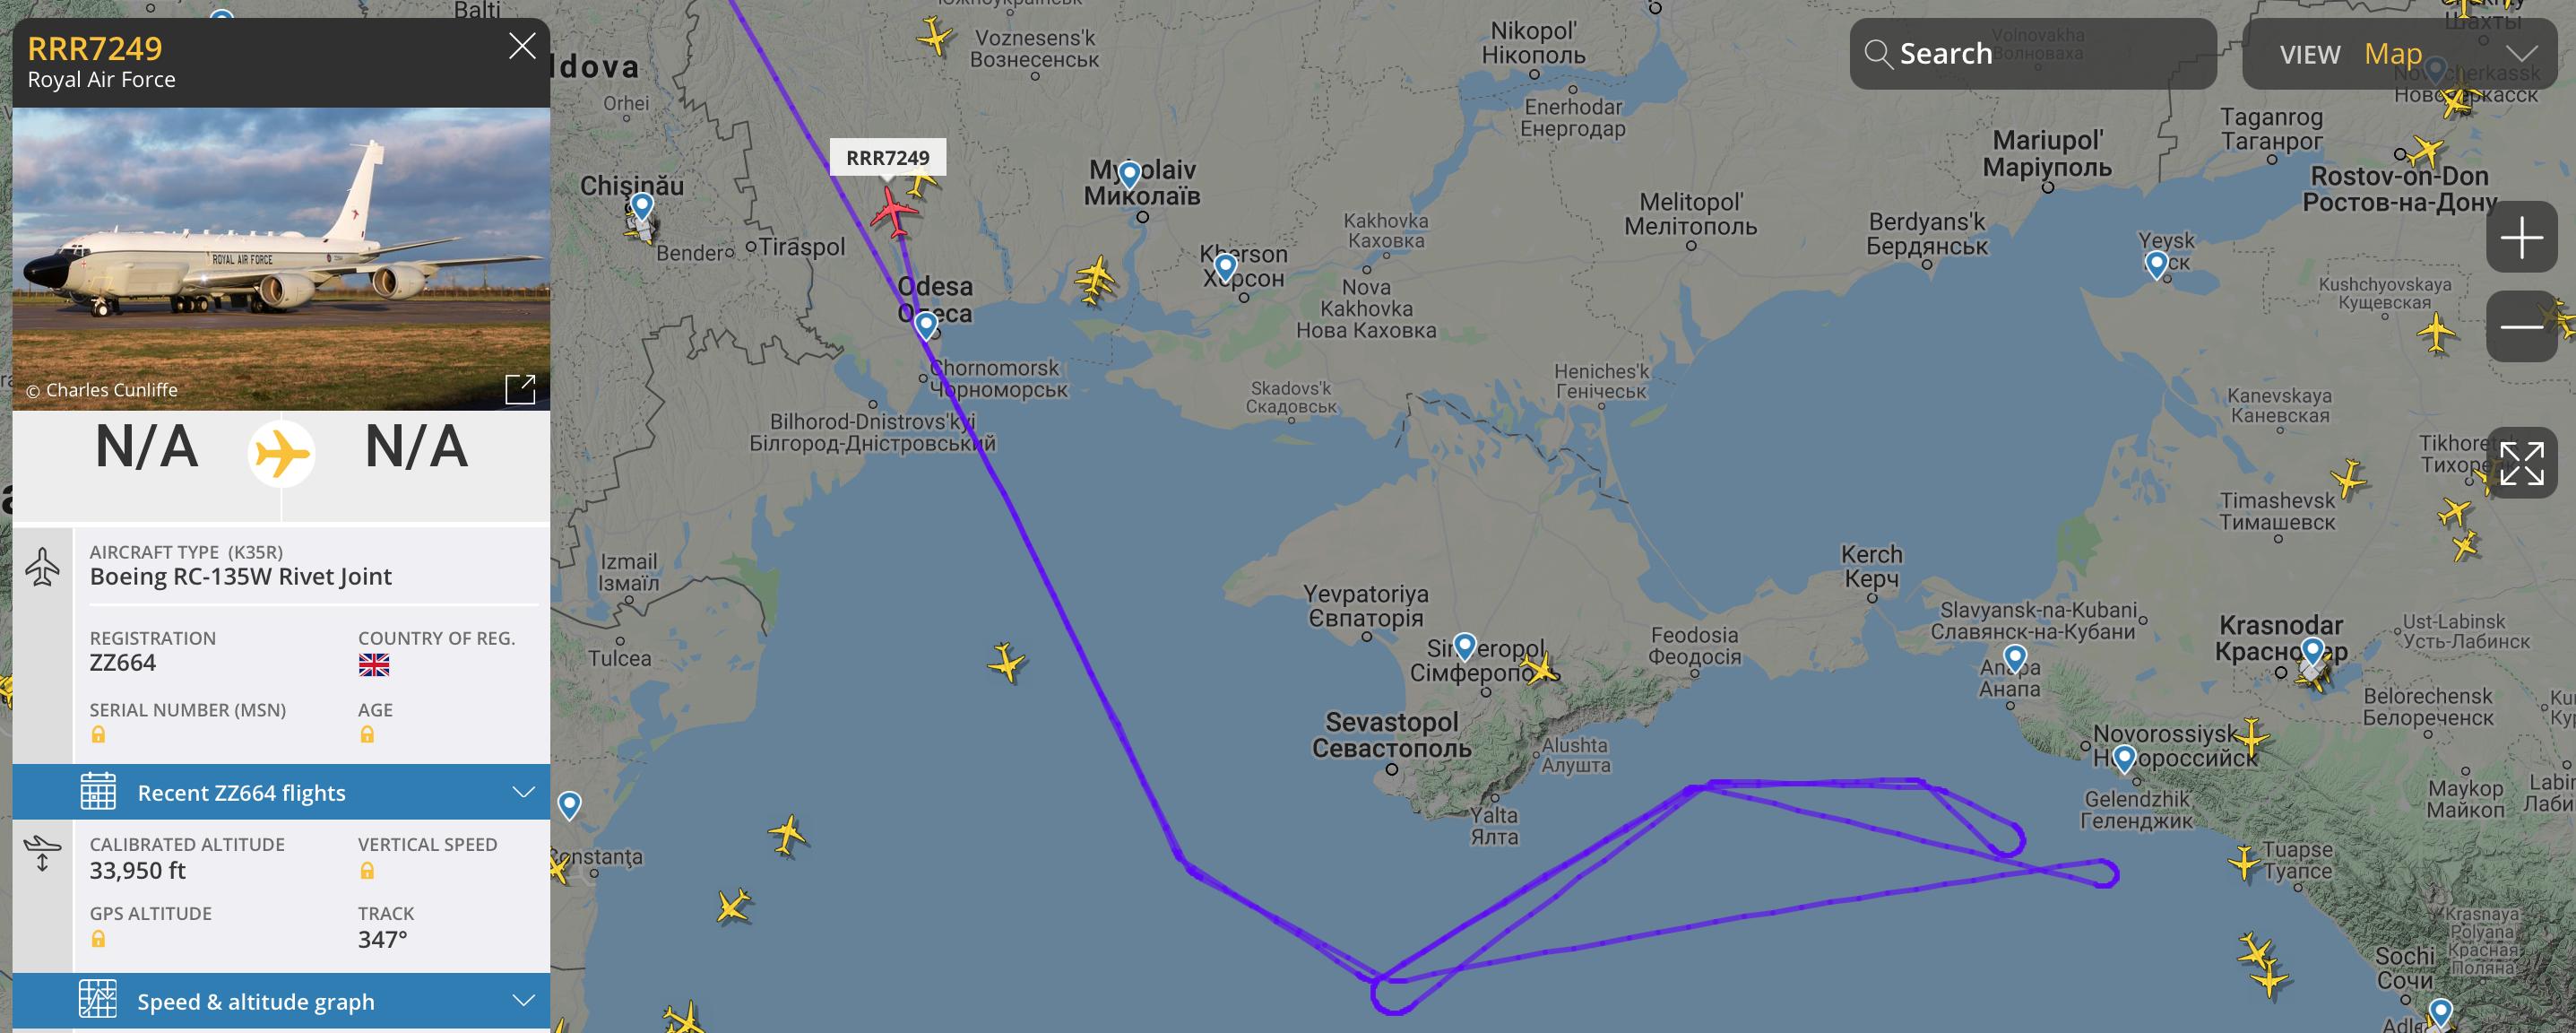 Самолеты НАТО провели авиаразведку оккупированных украинских территорий и акватори Черного моря — фото 1